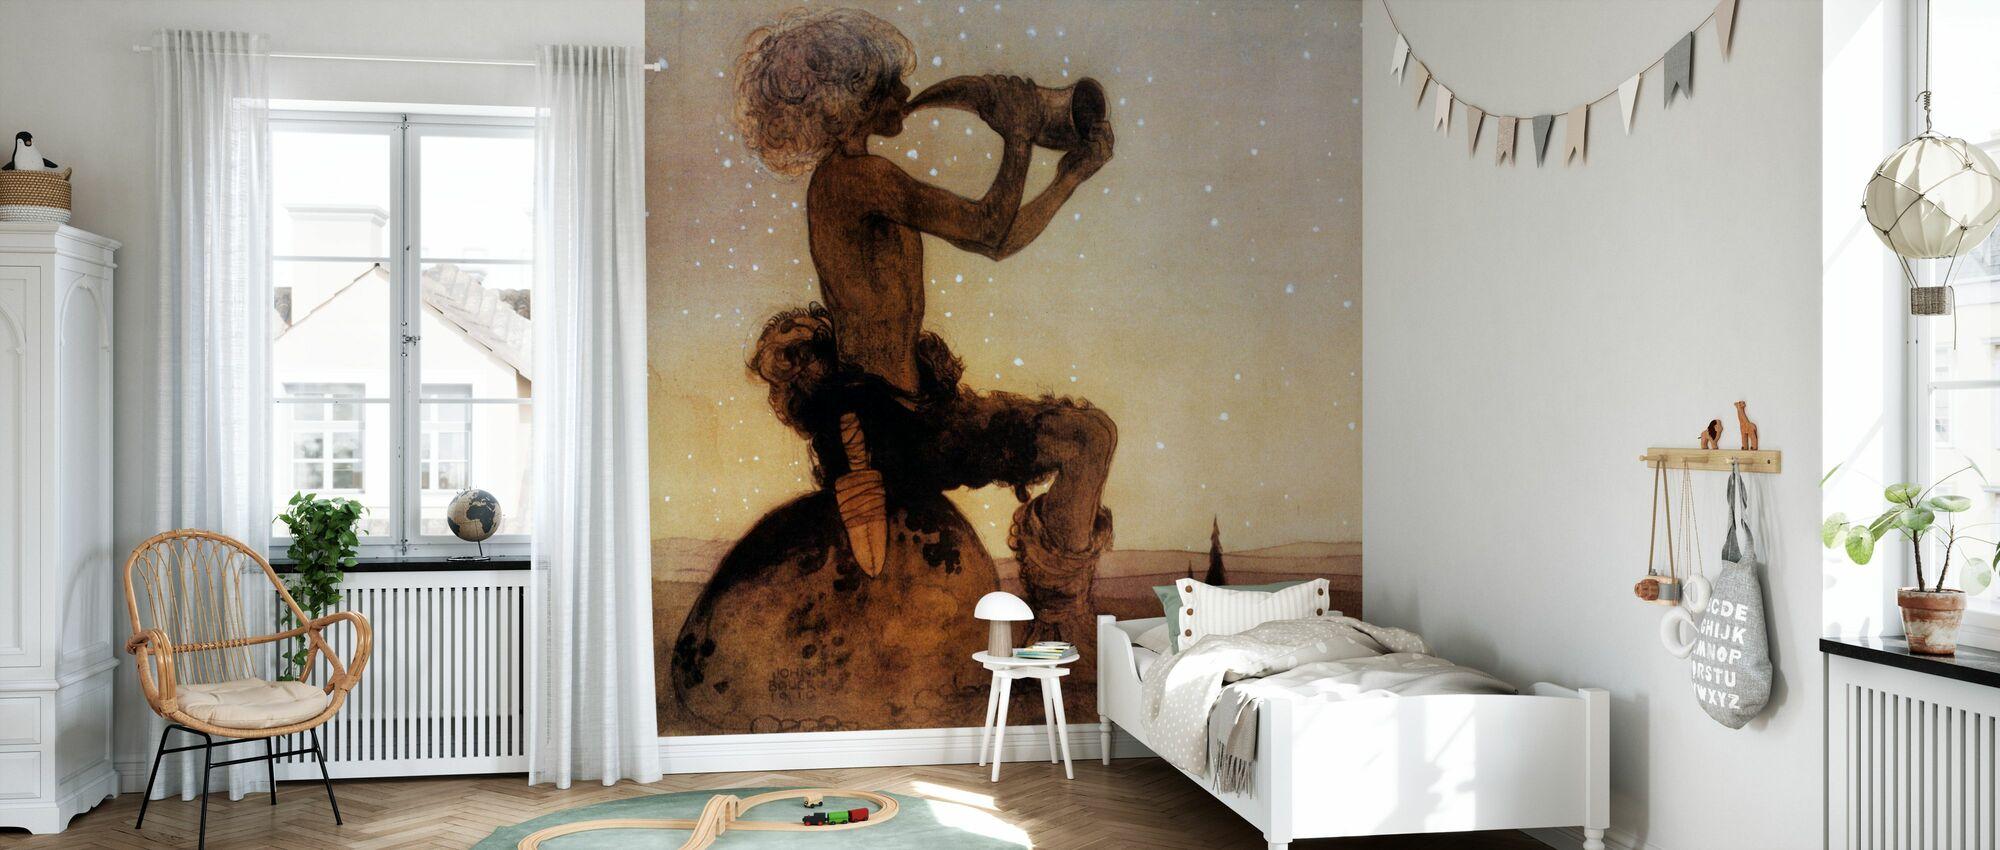 John Bauer - Vil-Vallareman - Wallpaper - Kids Room